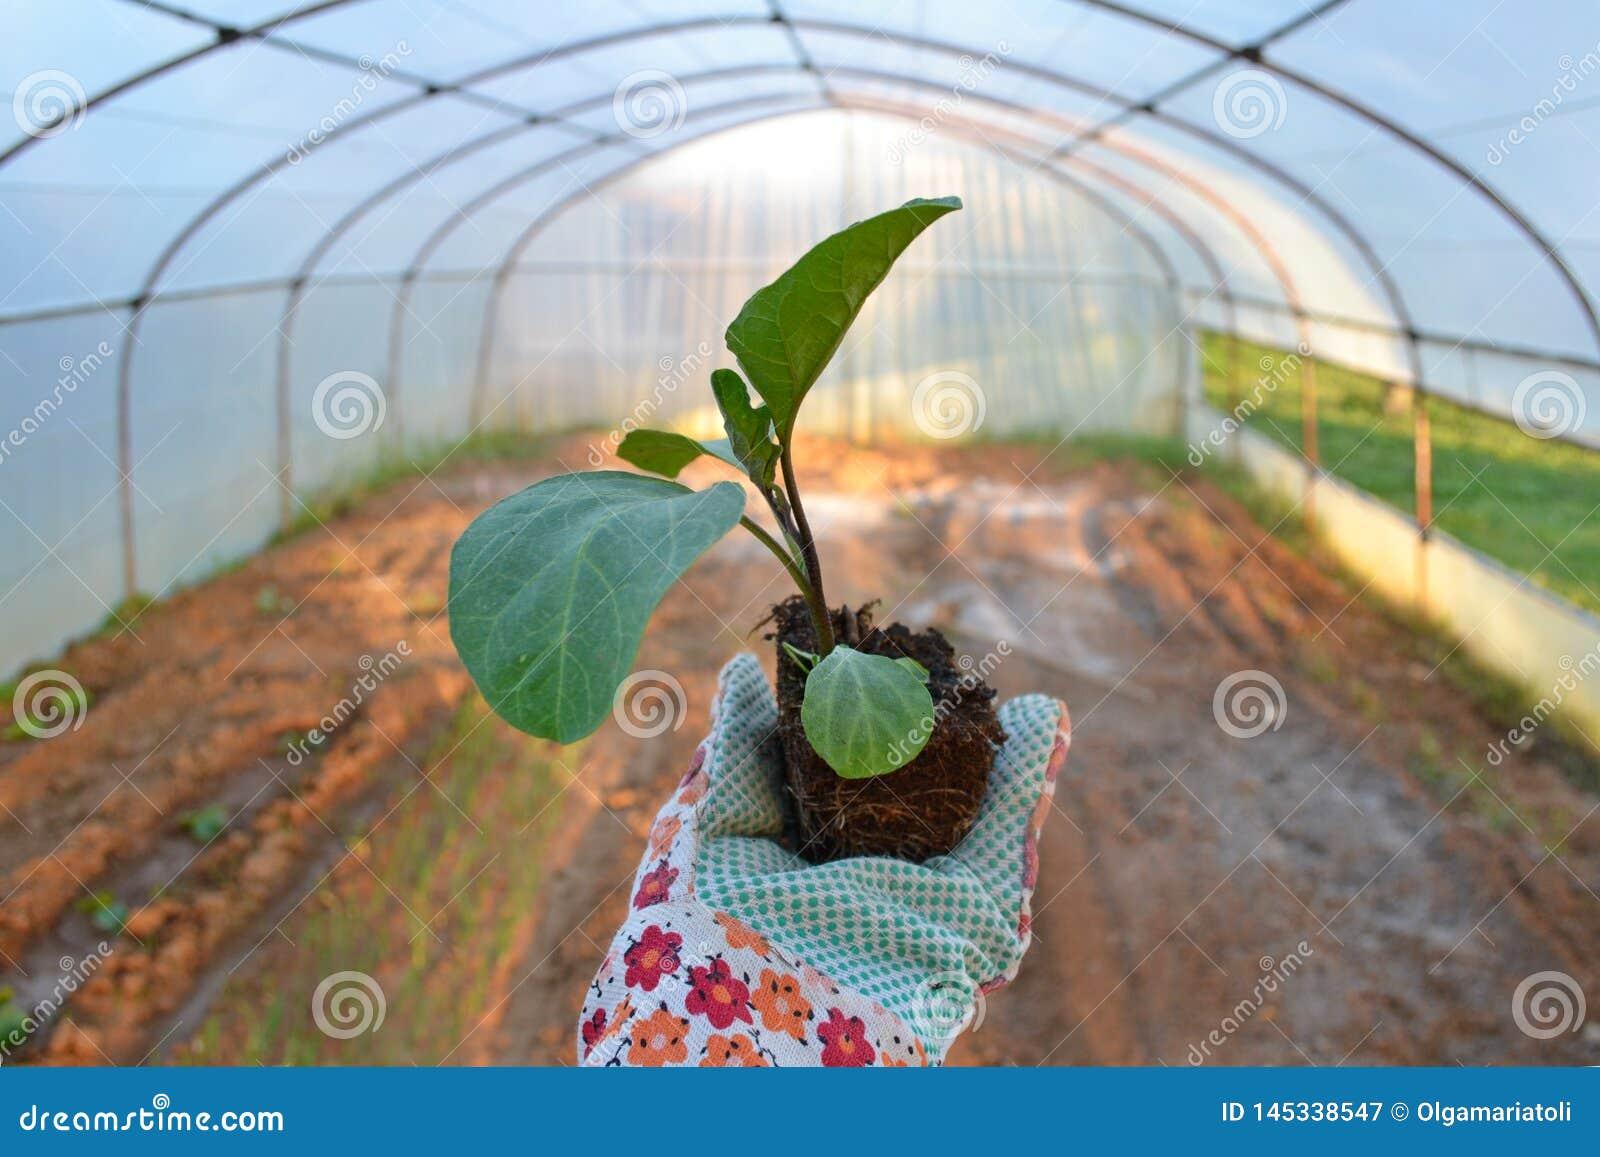 Apronte para plantar uma beringela